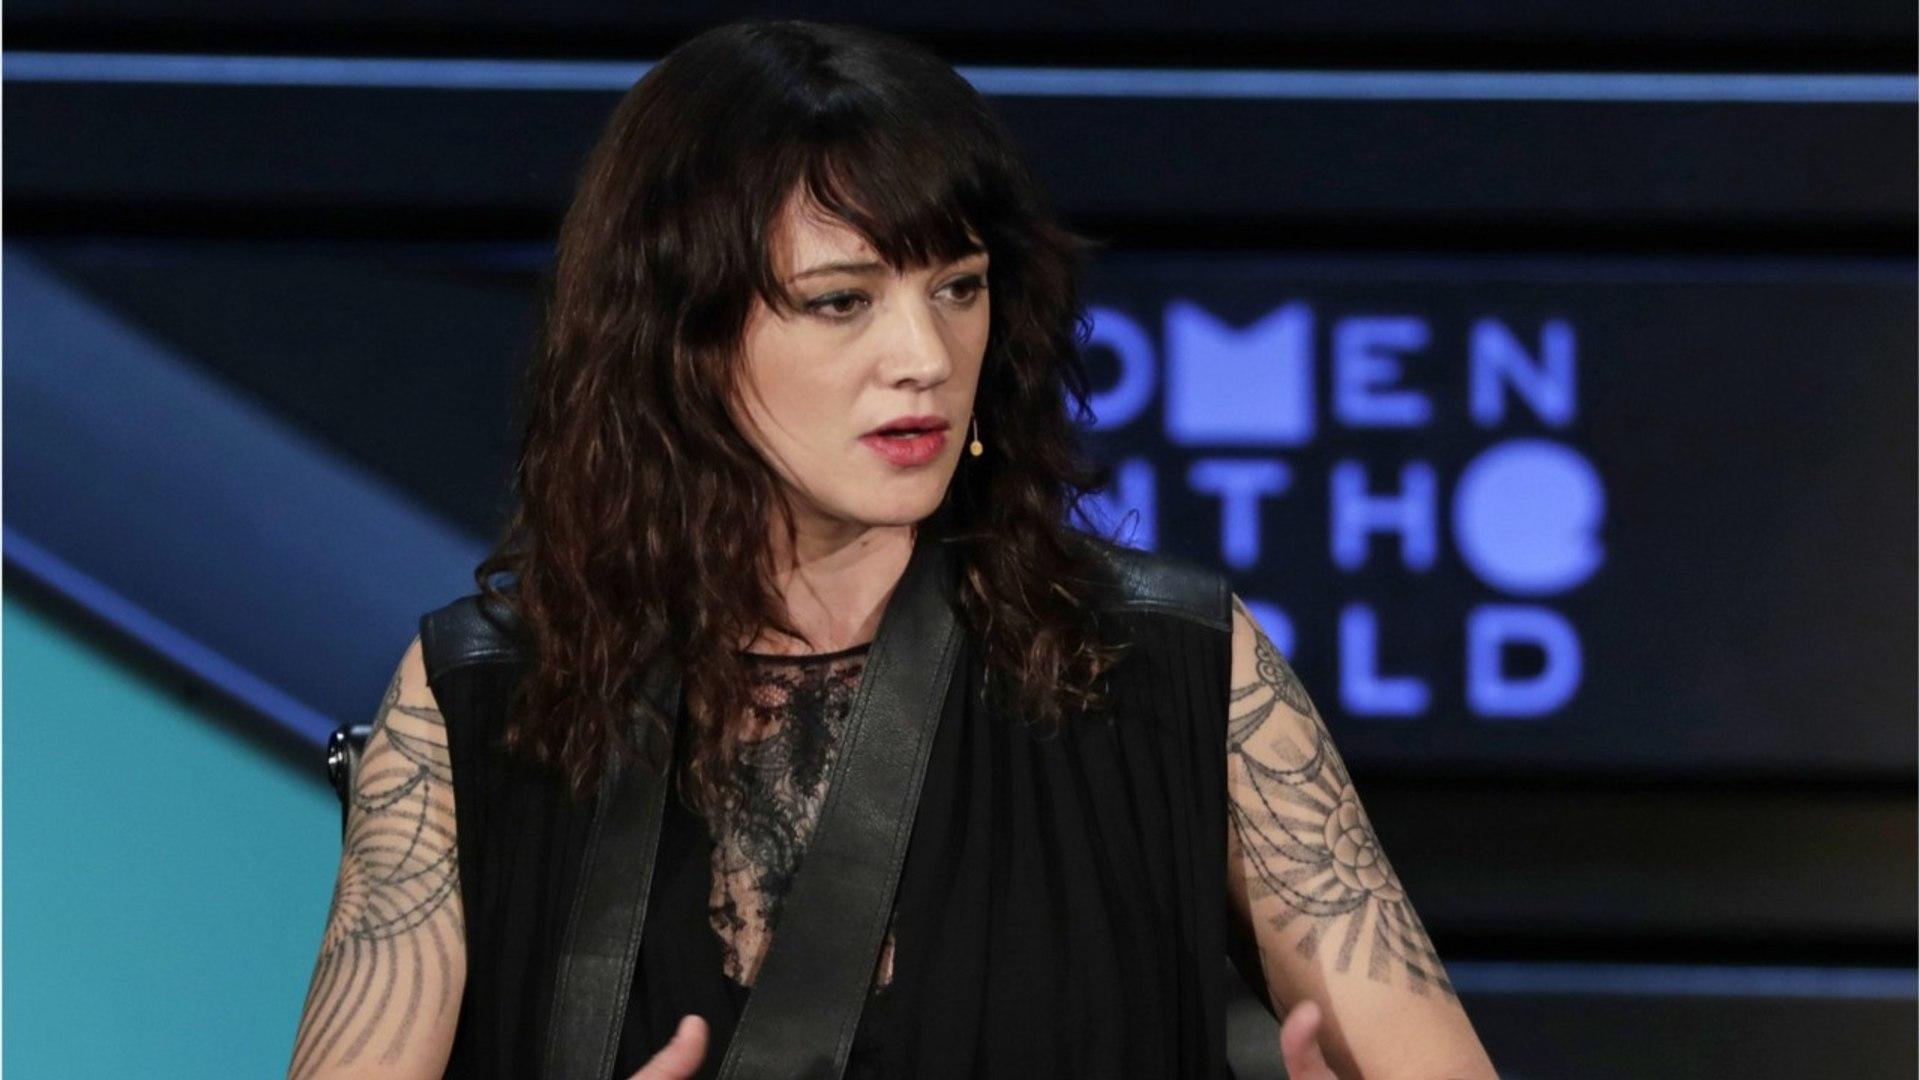 Asia Argento Eliminada De 'X Factor Italia' Tras Acusaciones De Acoso Sexual